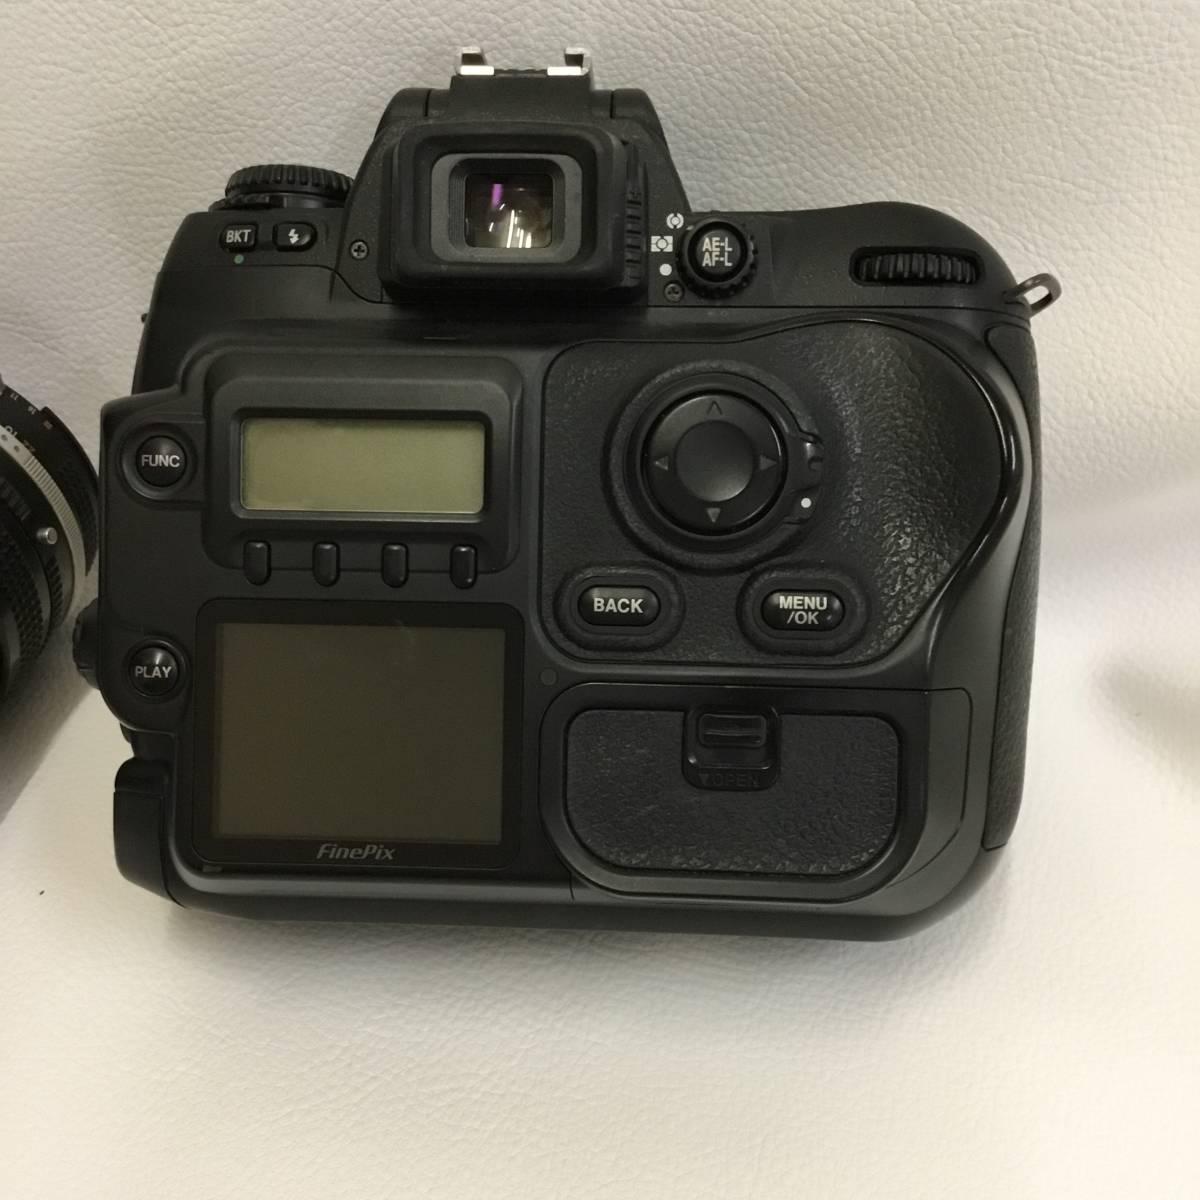 フジフィルム FUJIFILM Fine Pix S3Pro Zoom-NIKKOR 28-85mm ジャンク品_画像4